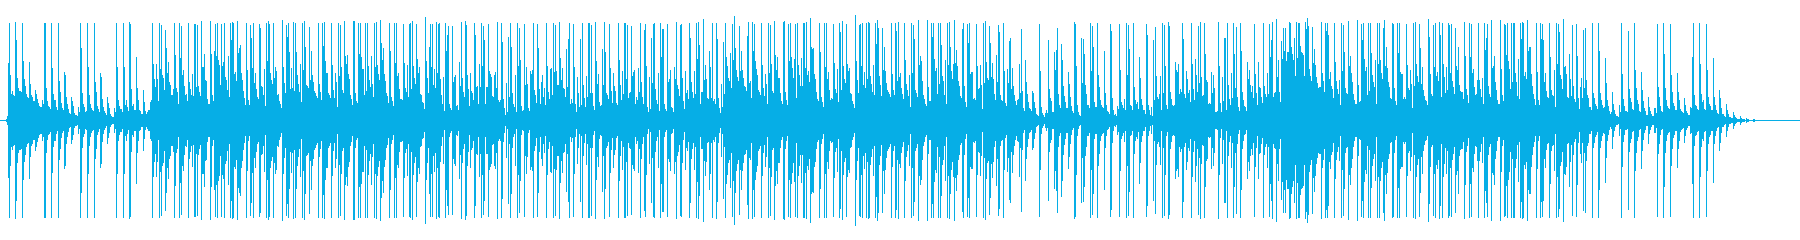 切なさと哀愁のあるミドルテンポのEDMの再生済みの波形